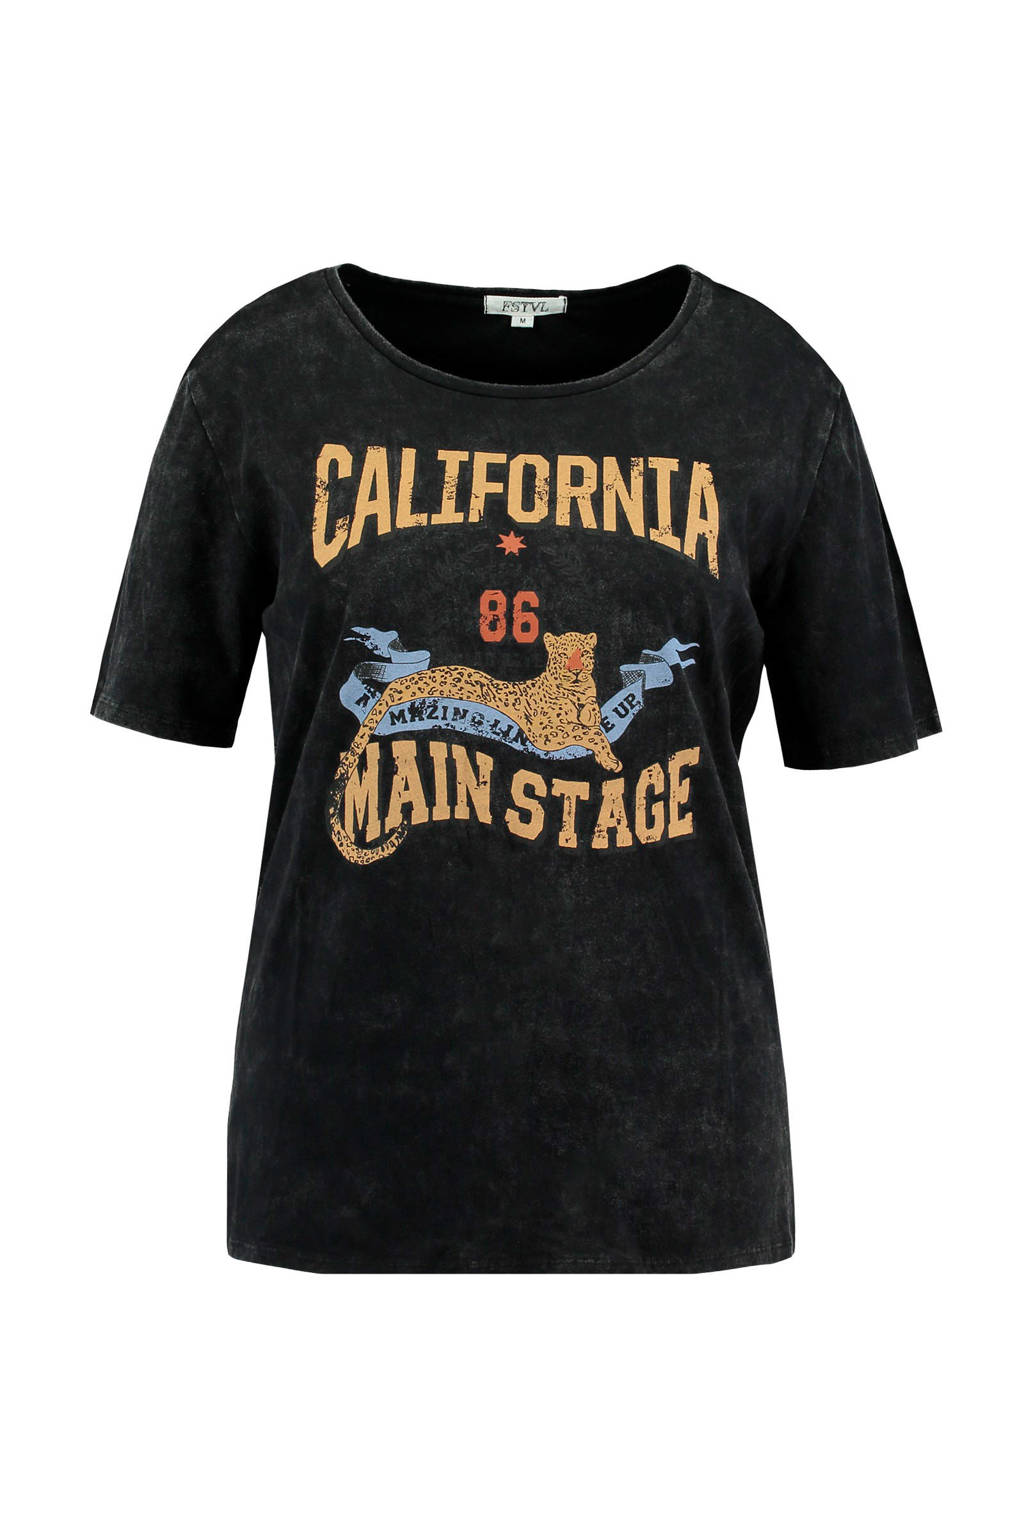 MS Mode T-shirt met printopdruk antraciet, Antraciet